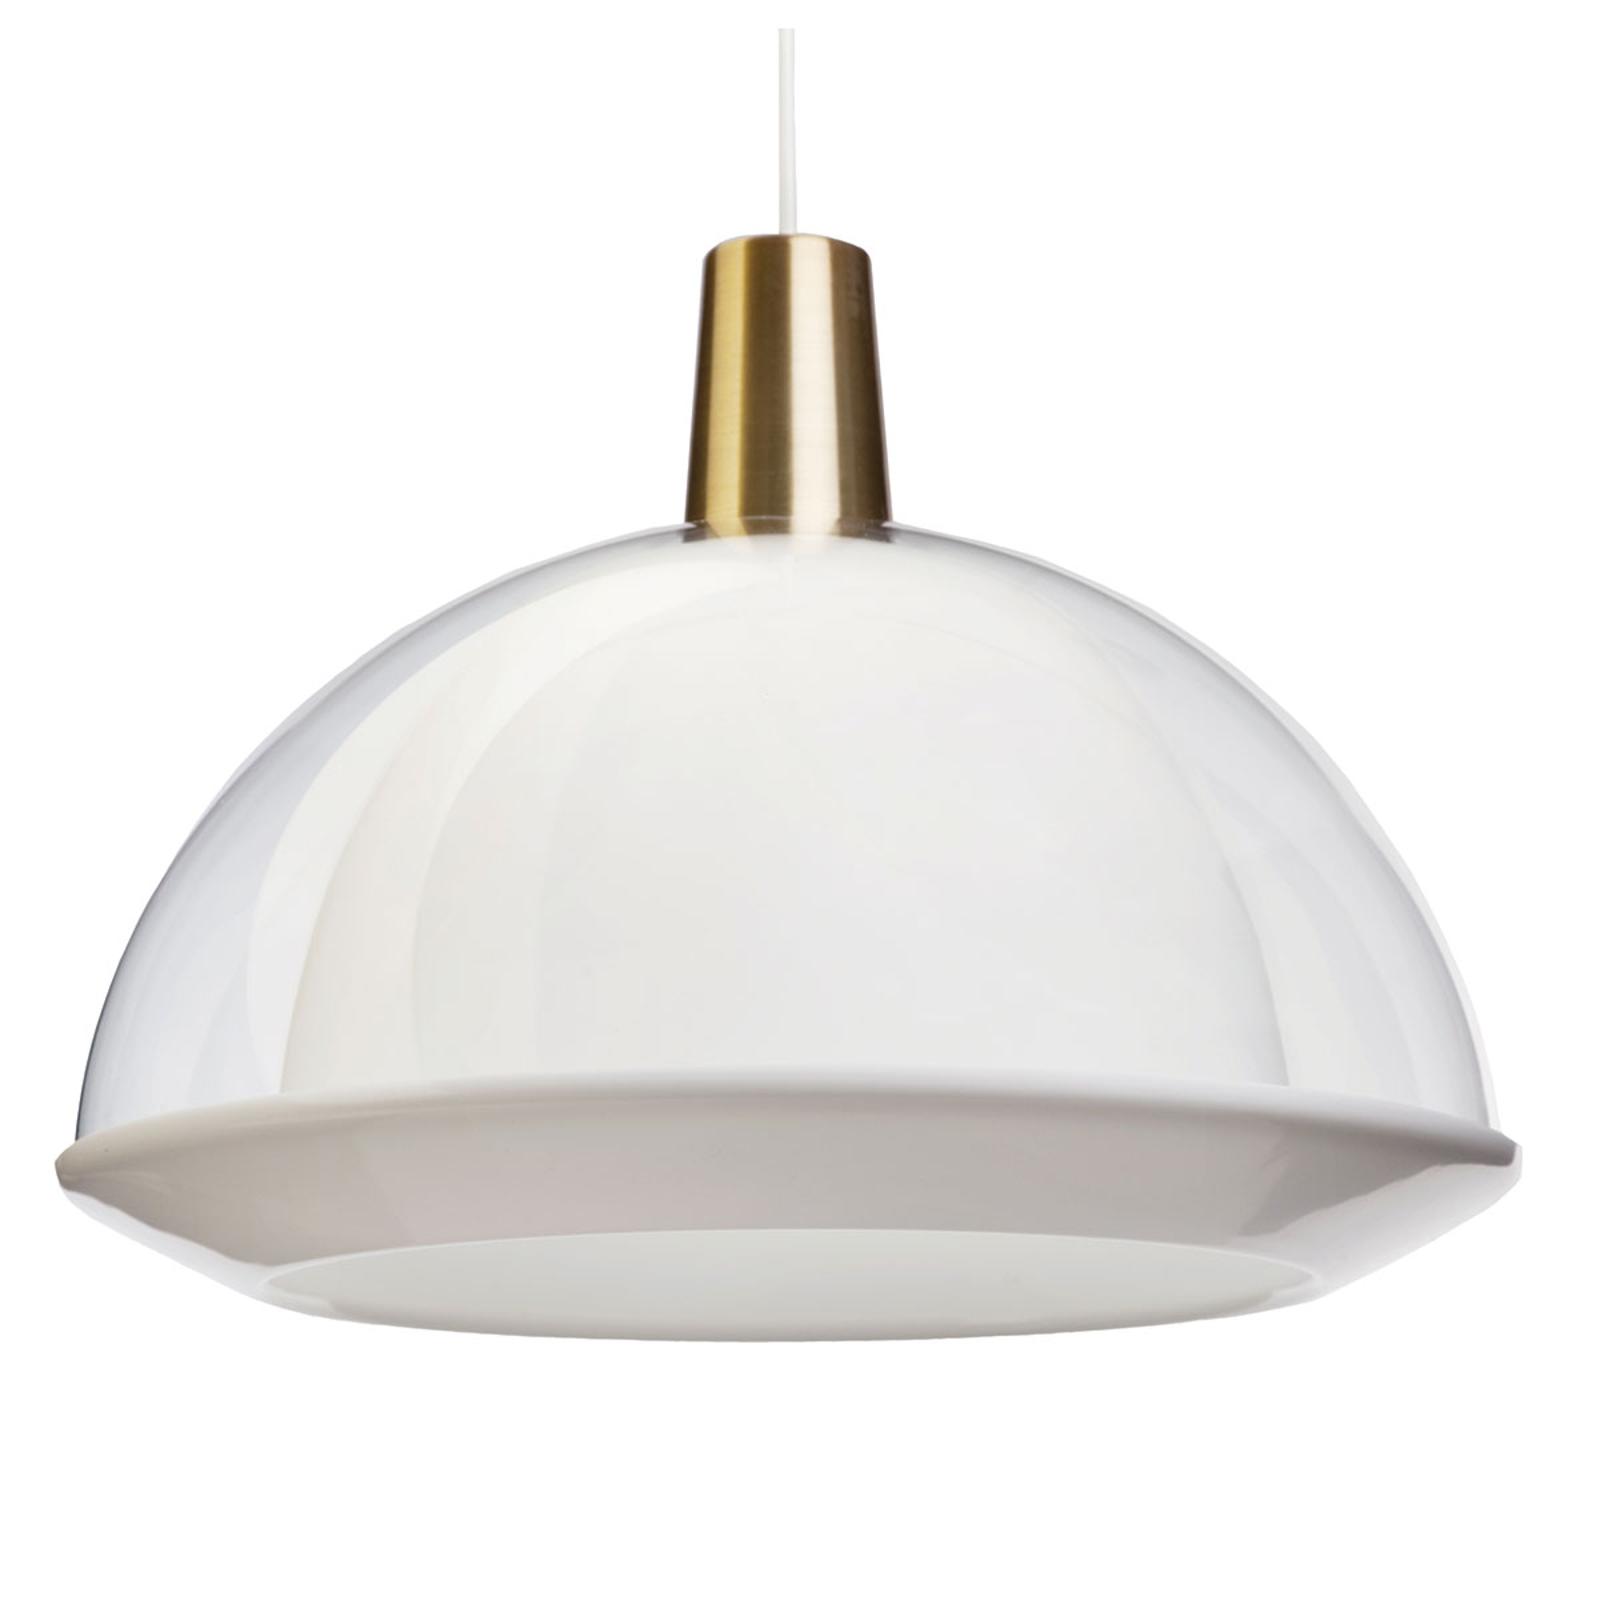 Innolux Kuplat 400 hængelampe 40 cm, transparent